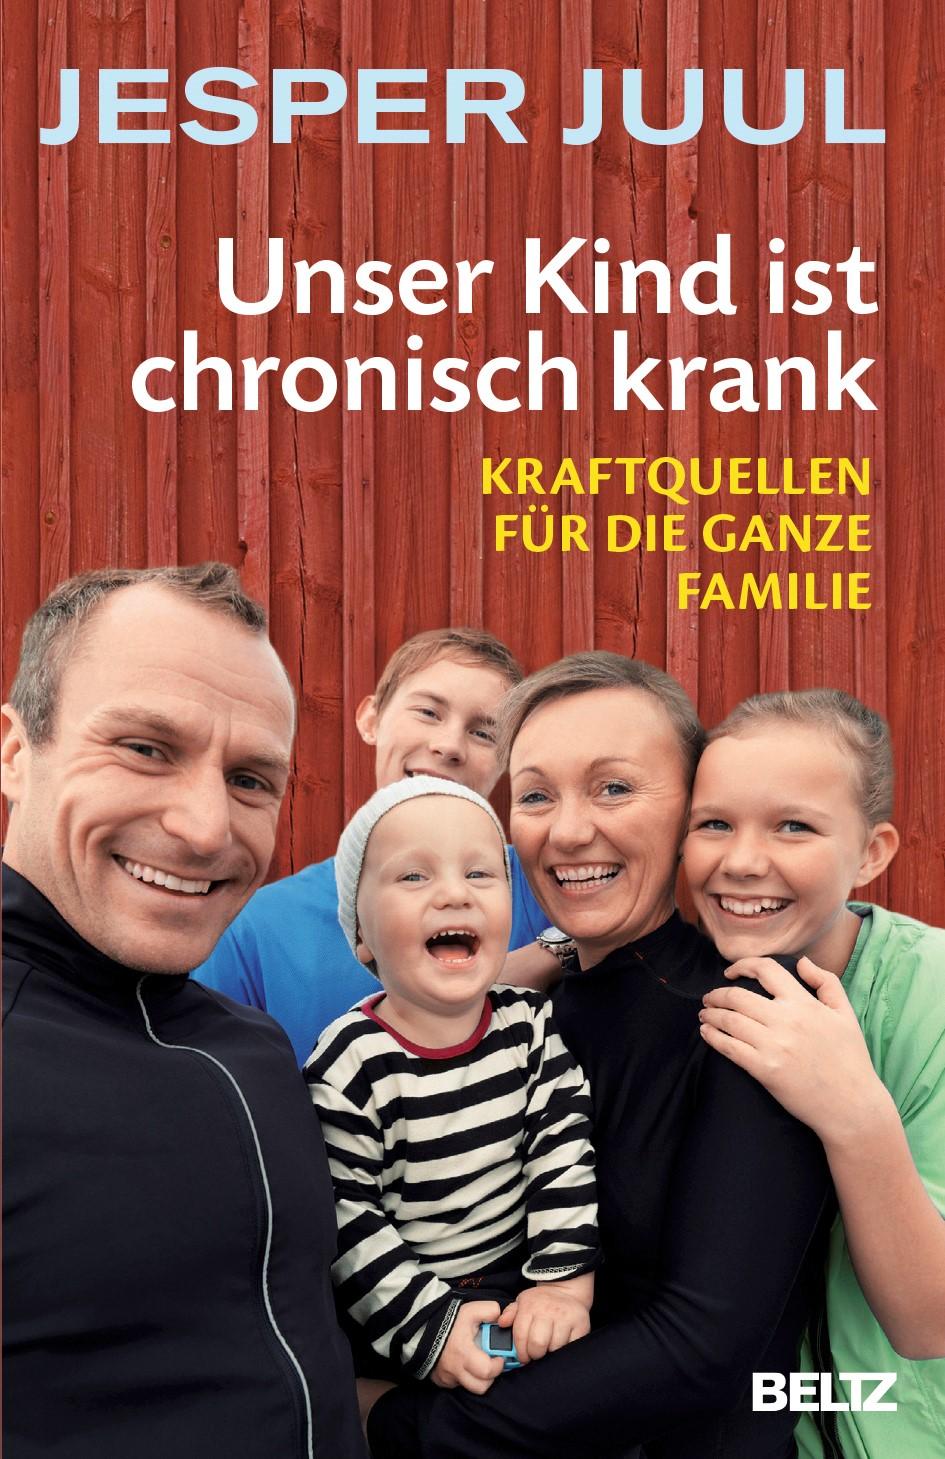 Unser Kind ist chronisch krank | Juul | Lizenzausgabe, 2014 | Buch (Cover)